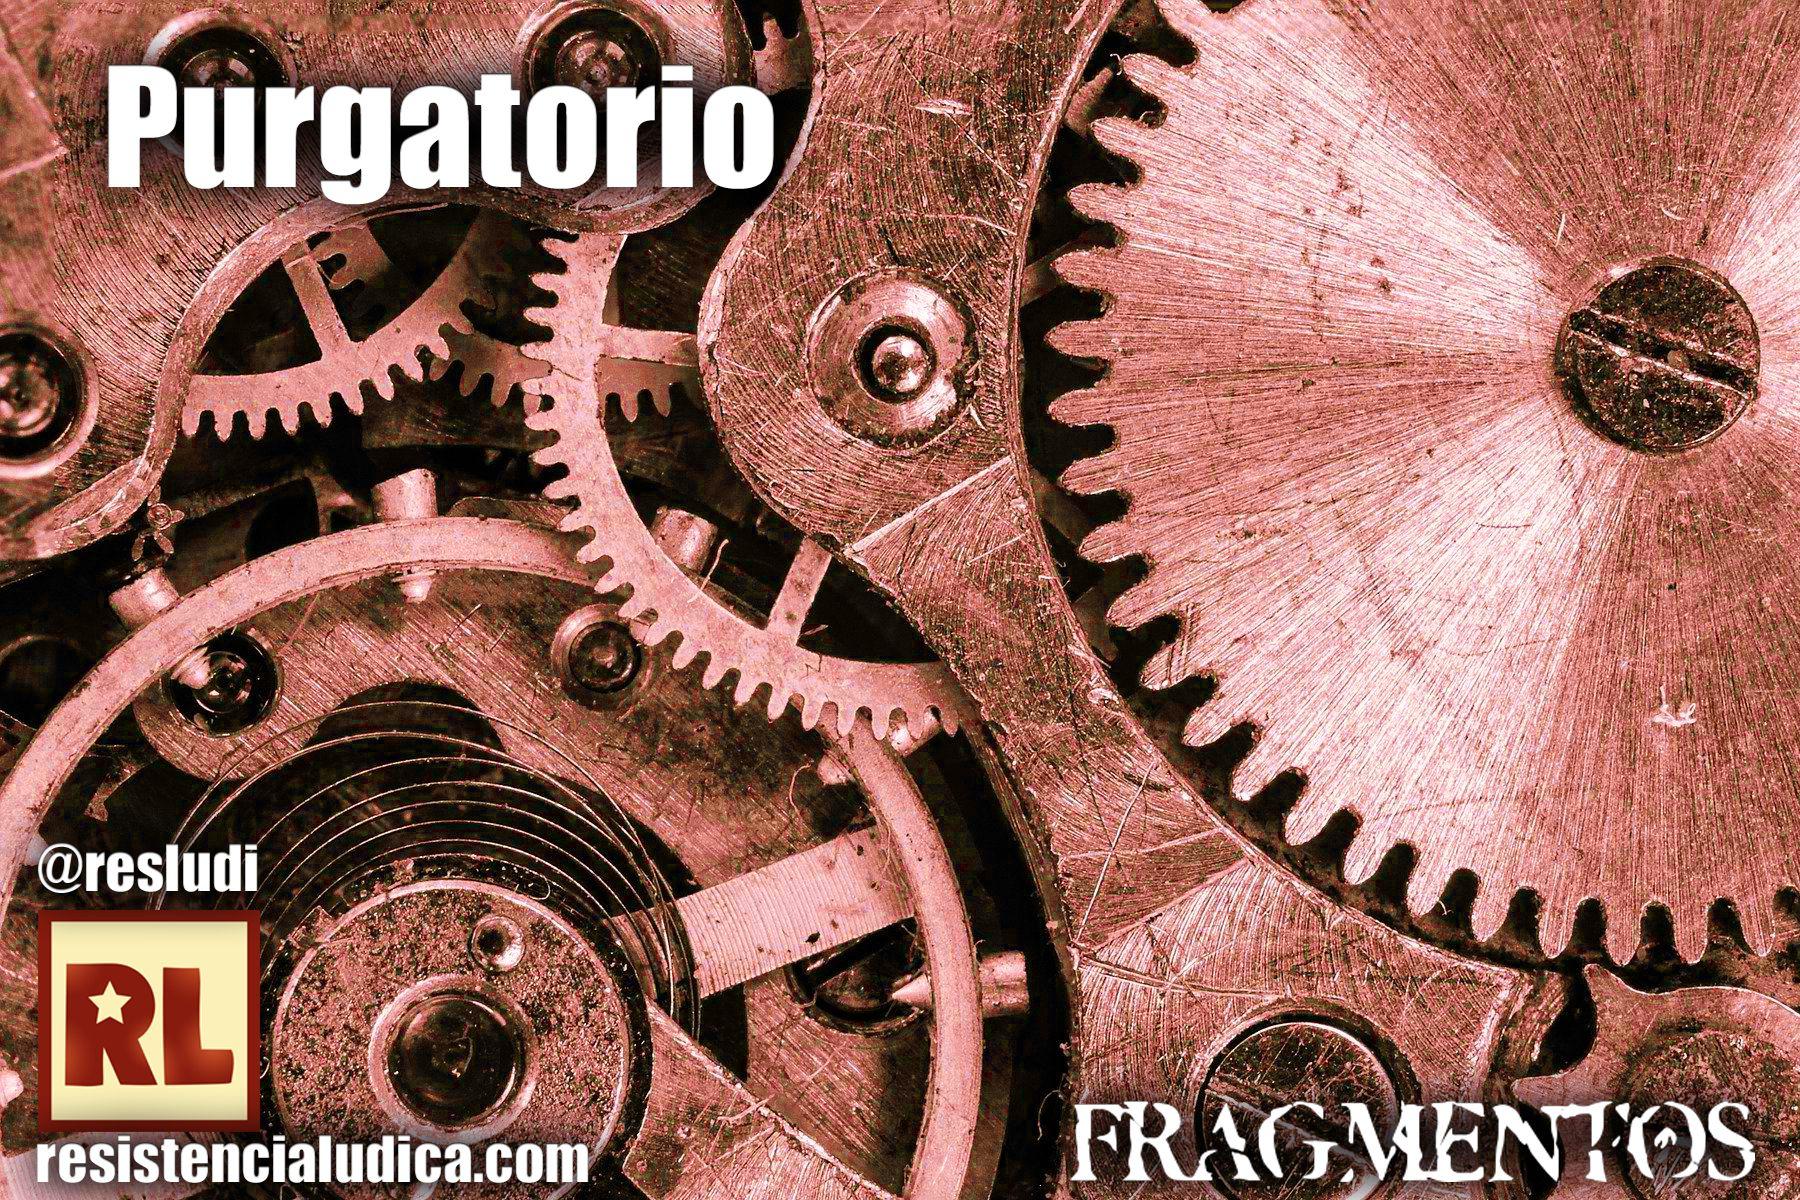 Purgatorio (Fragmentos)